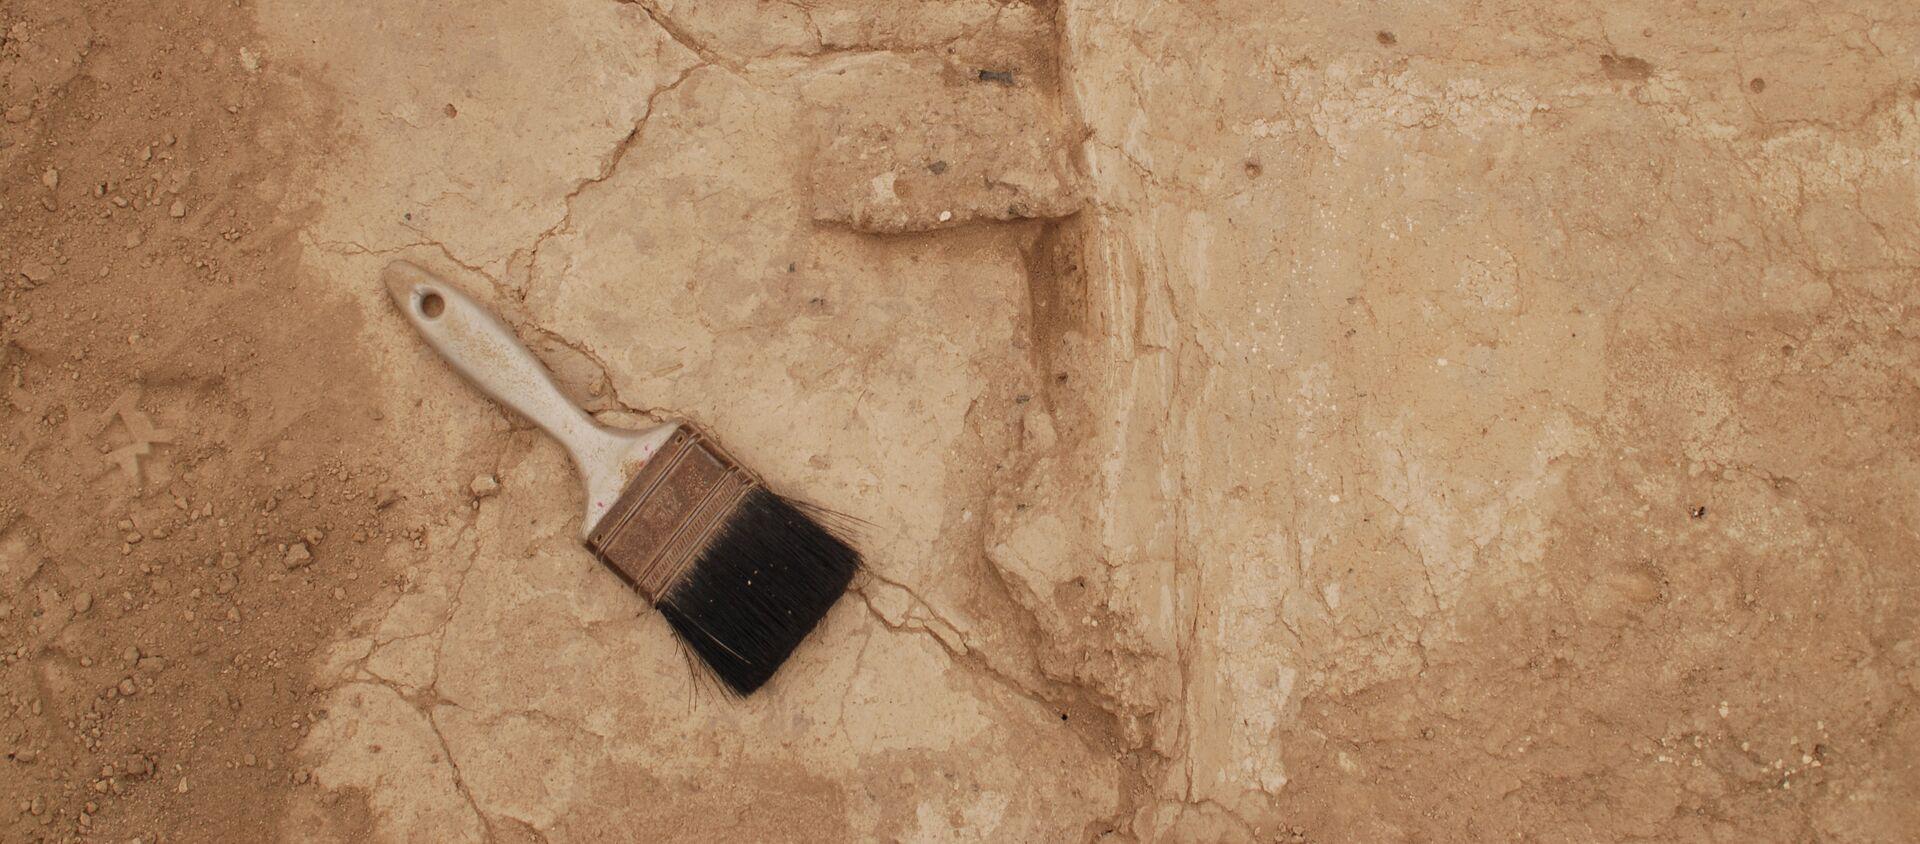 Excavación arqueológica (imagen referencial) - Sputnik Mundo, 1920, 04.01.2021